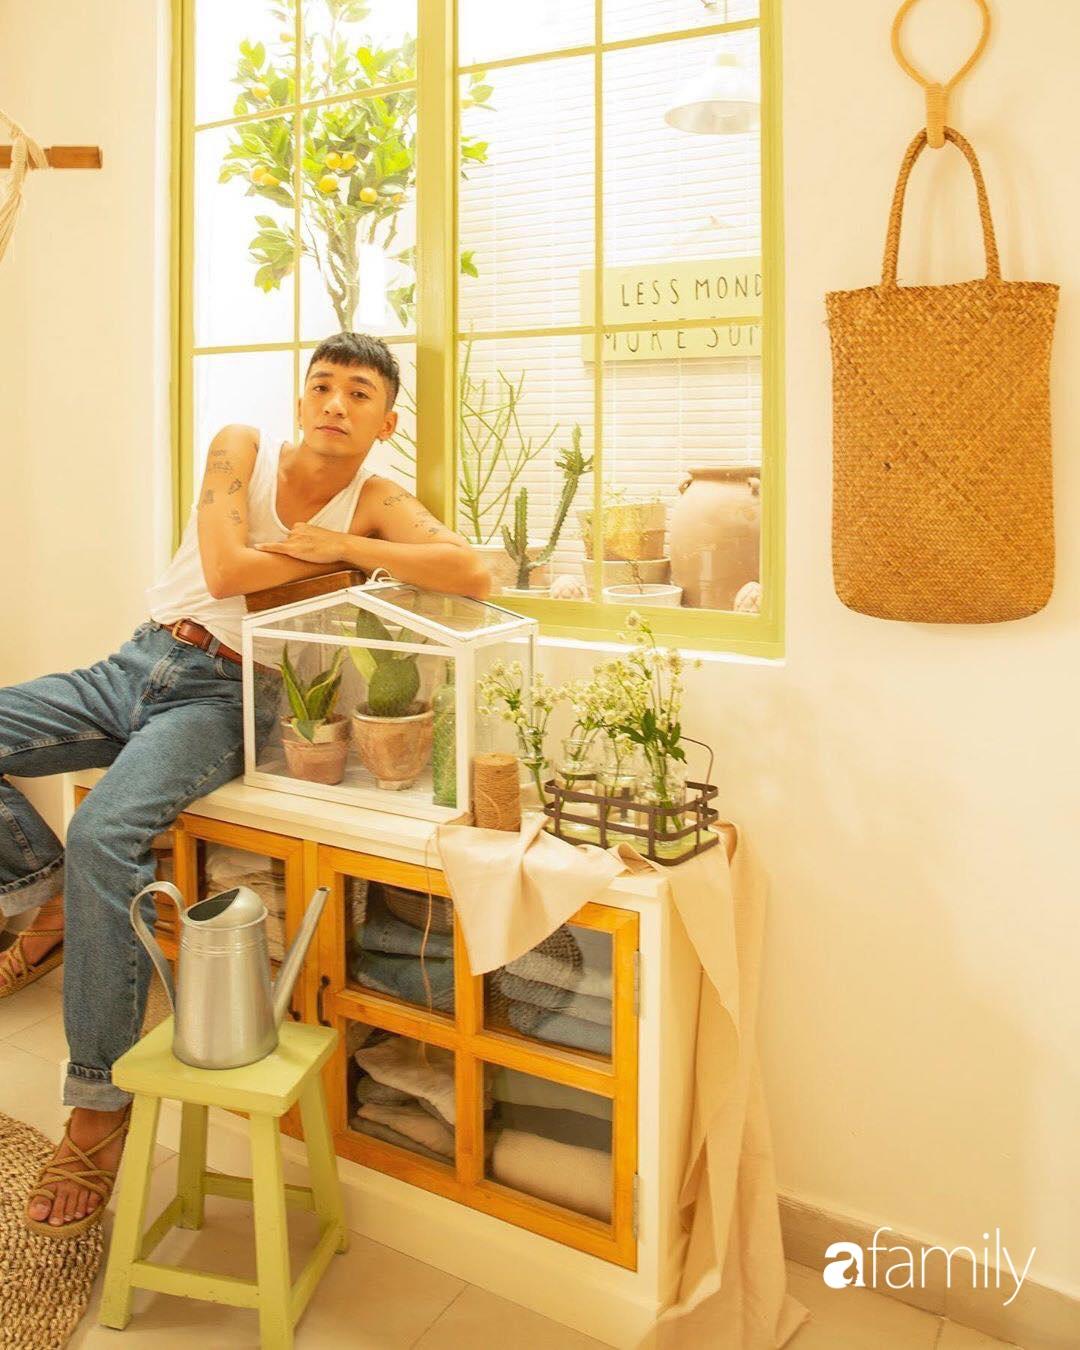 Chàng trai 9x không ngại 'canh sale' mua đồ giá rẻ để cải tạo lại căn hộ của mình ở Sài Gòn - Ảnh 1